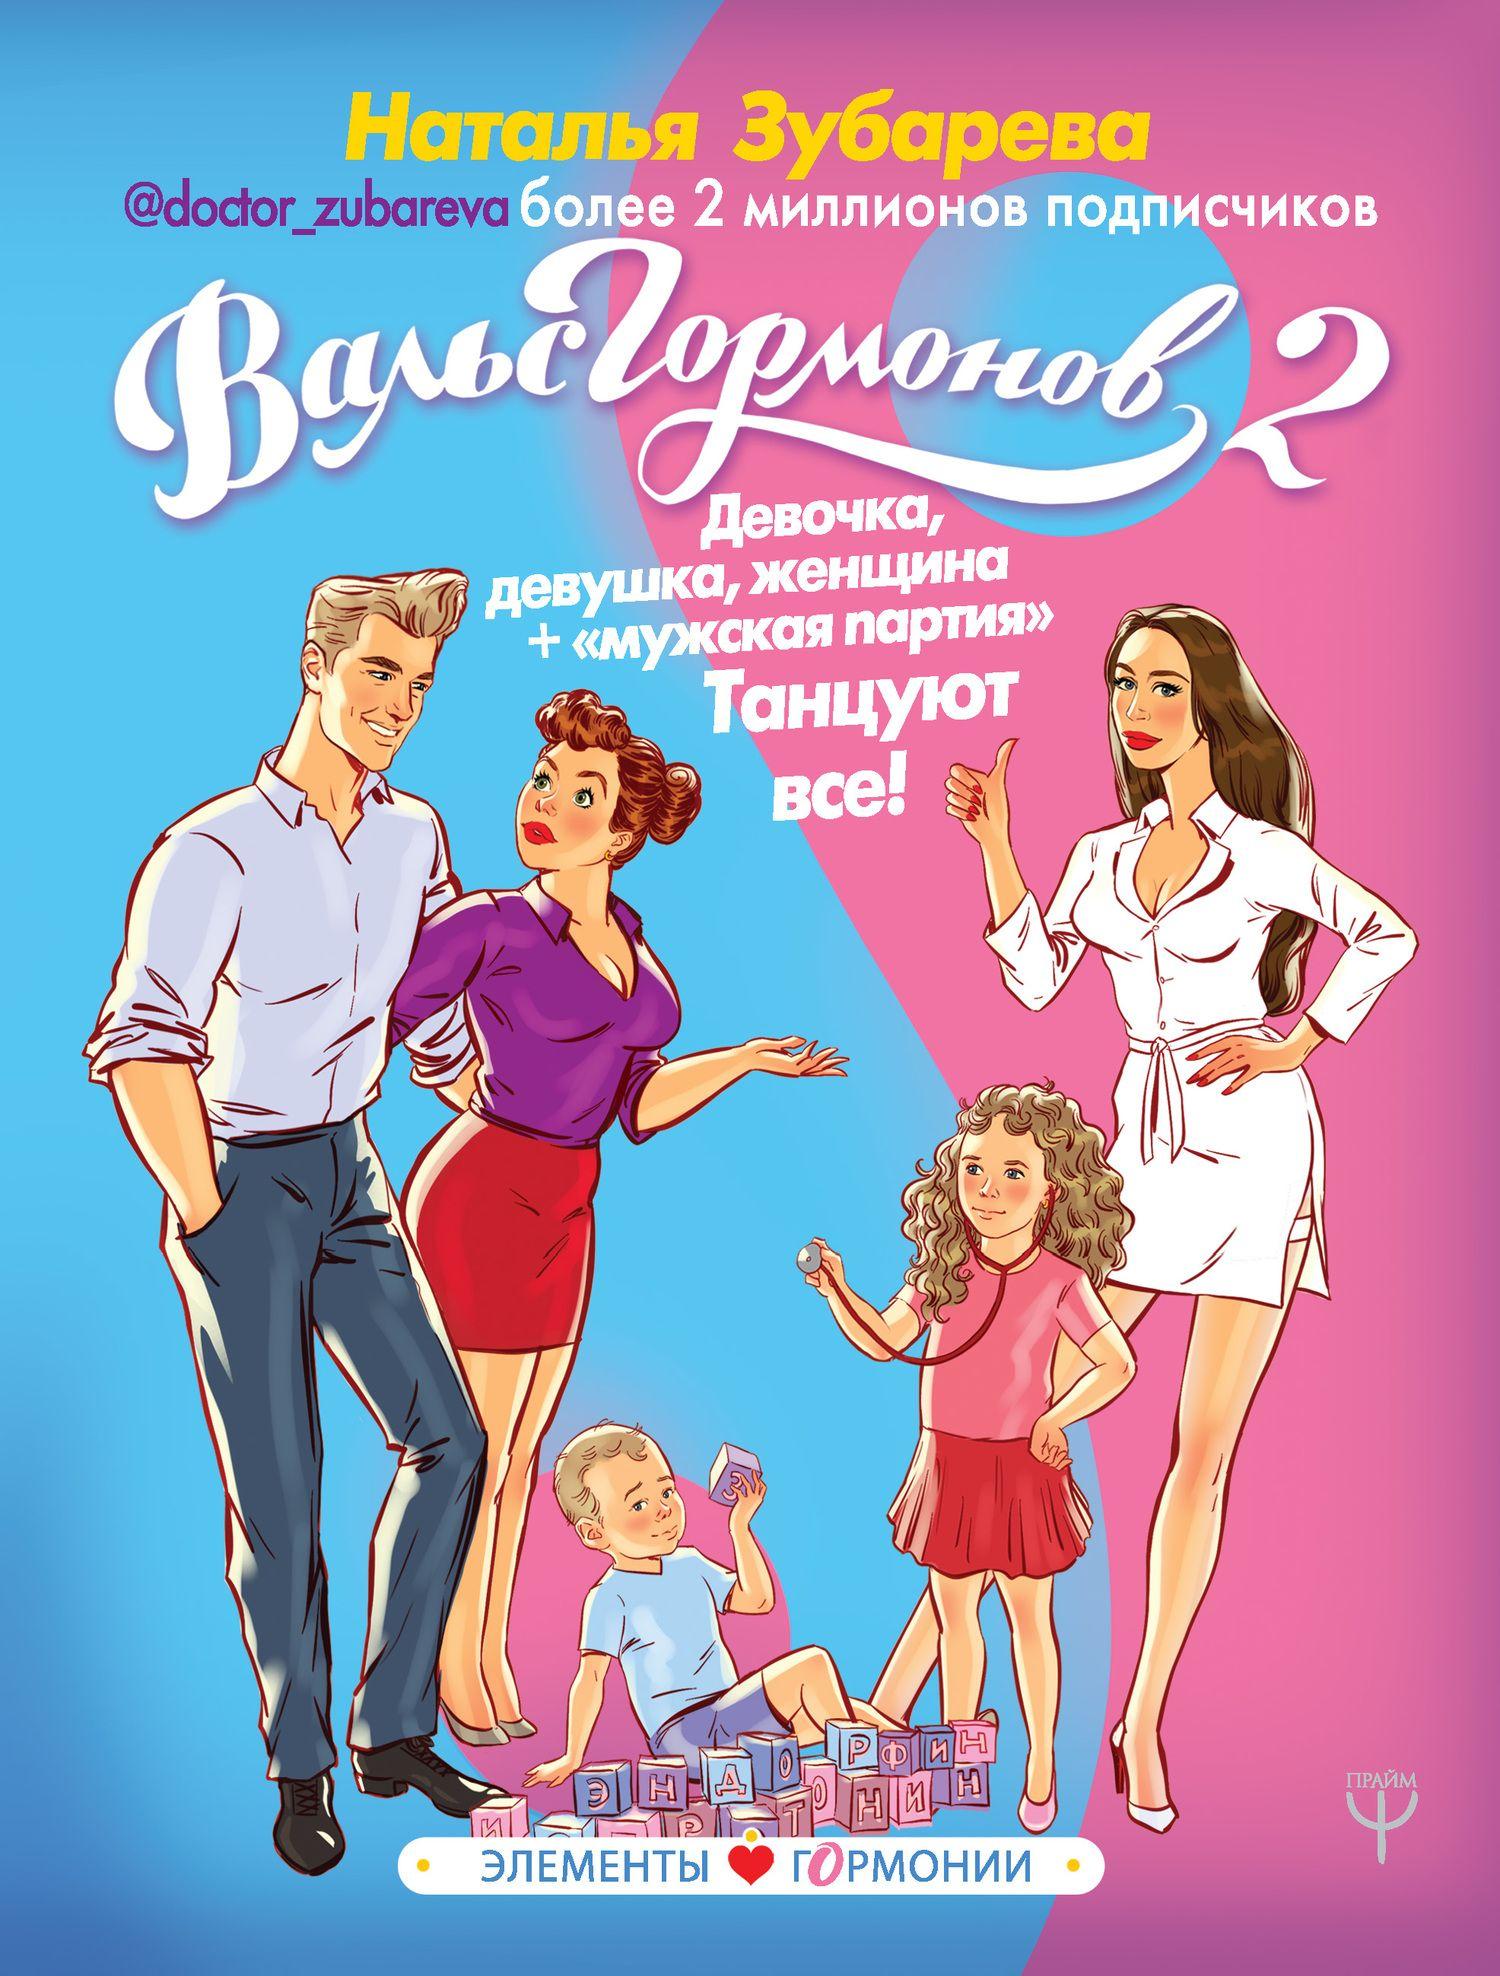 Скачать бесплатно Вальс гормонов 2. Девочка, девушка, женщина + «мужская партия». Танцуют все!